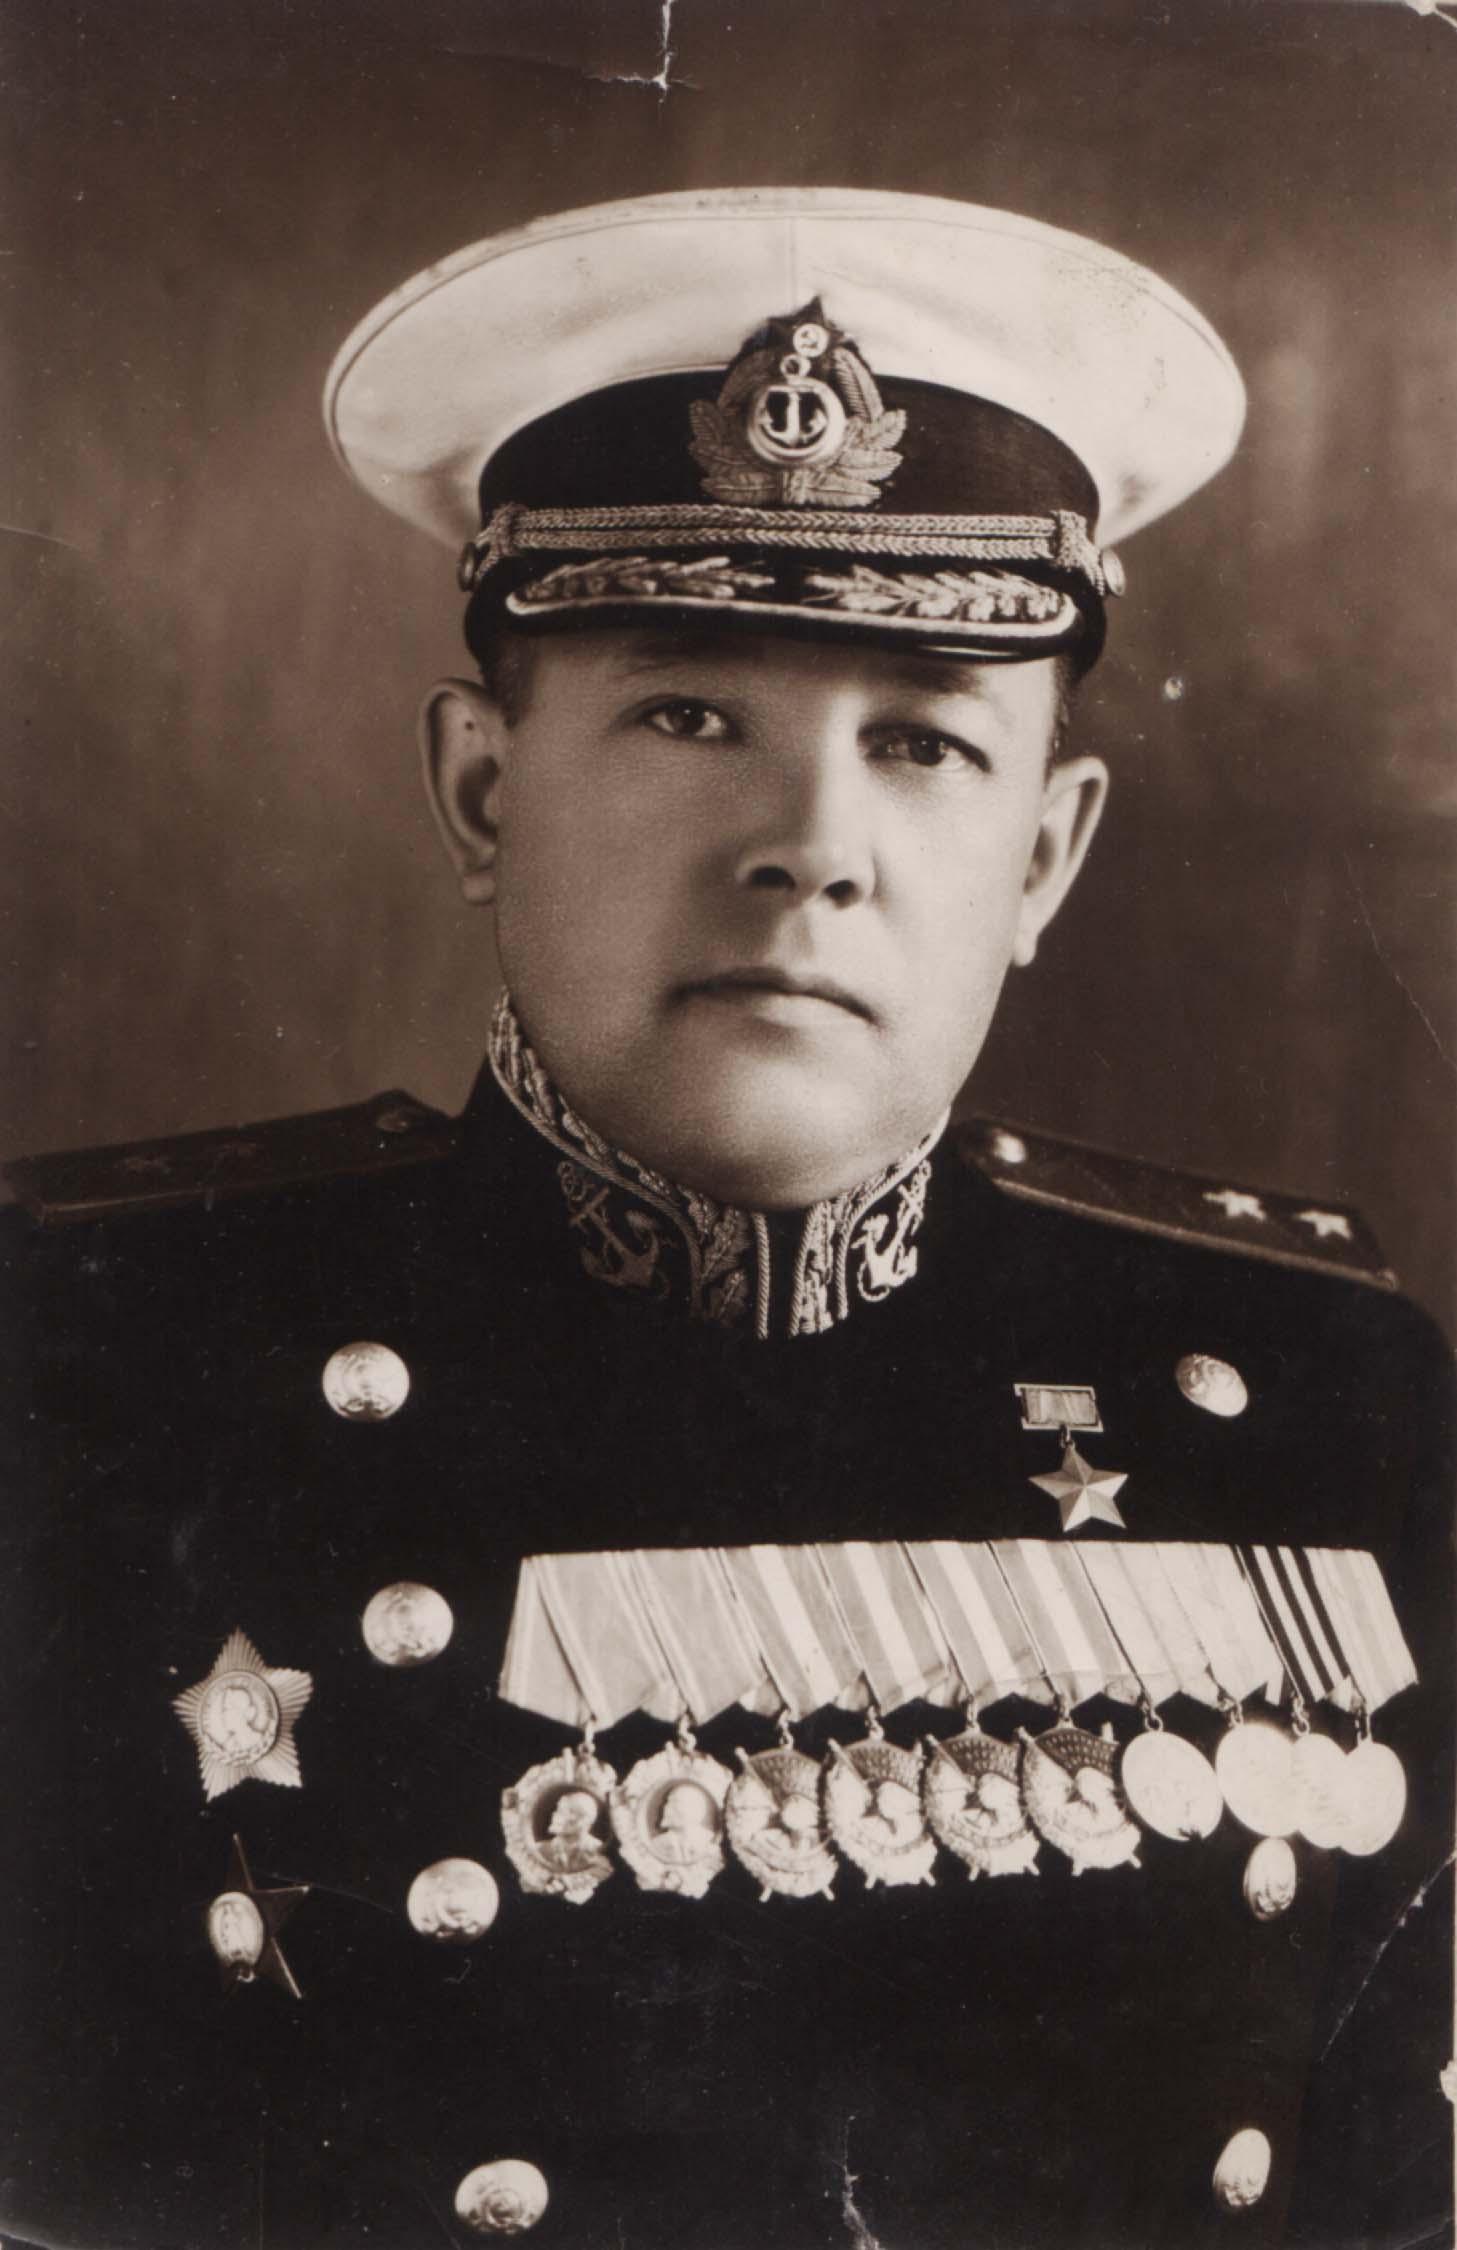 Музей Героя Советского Союза Евгения Преображенского откроют в Кириллове 22 июня